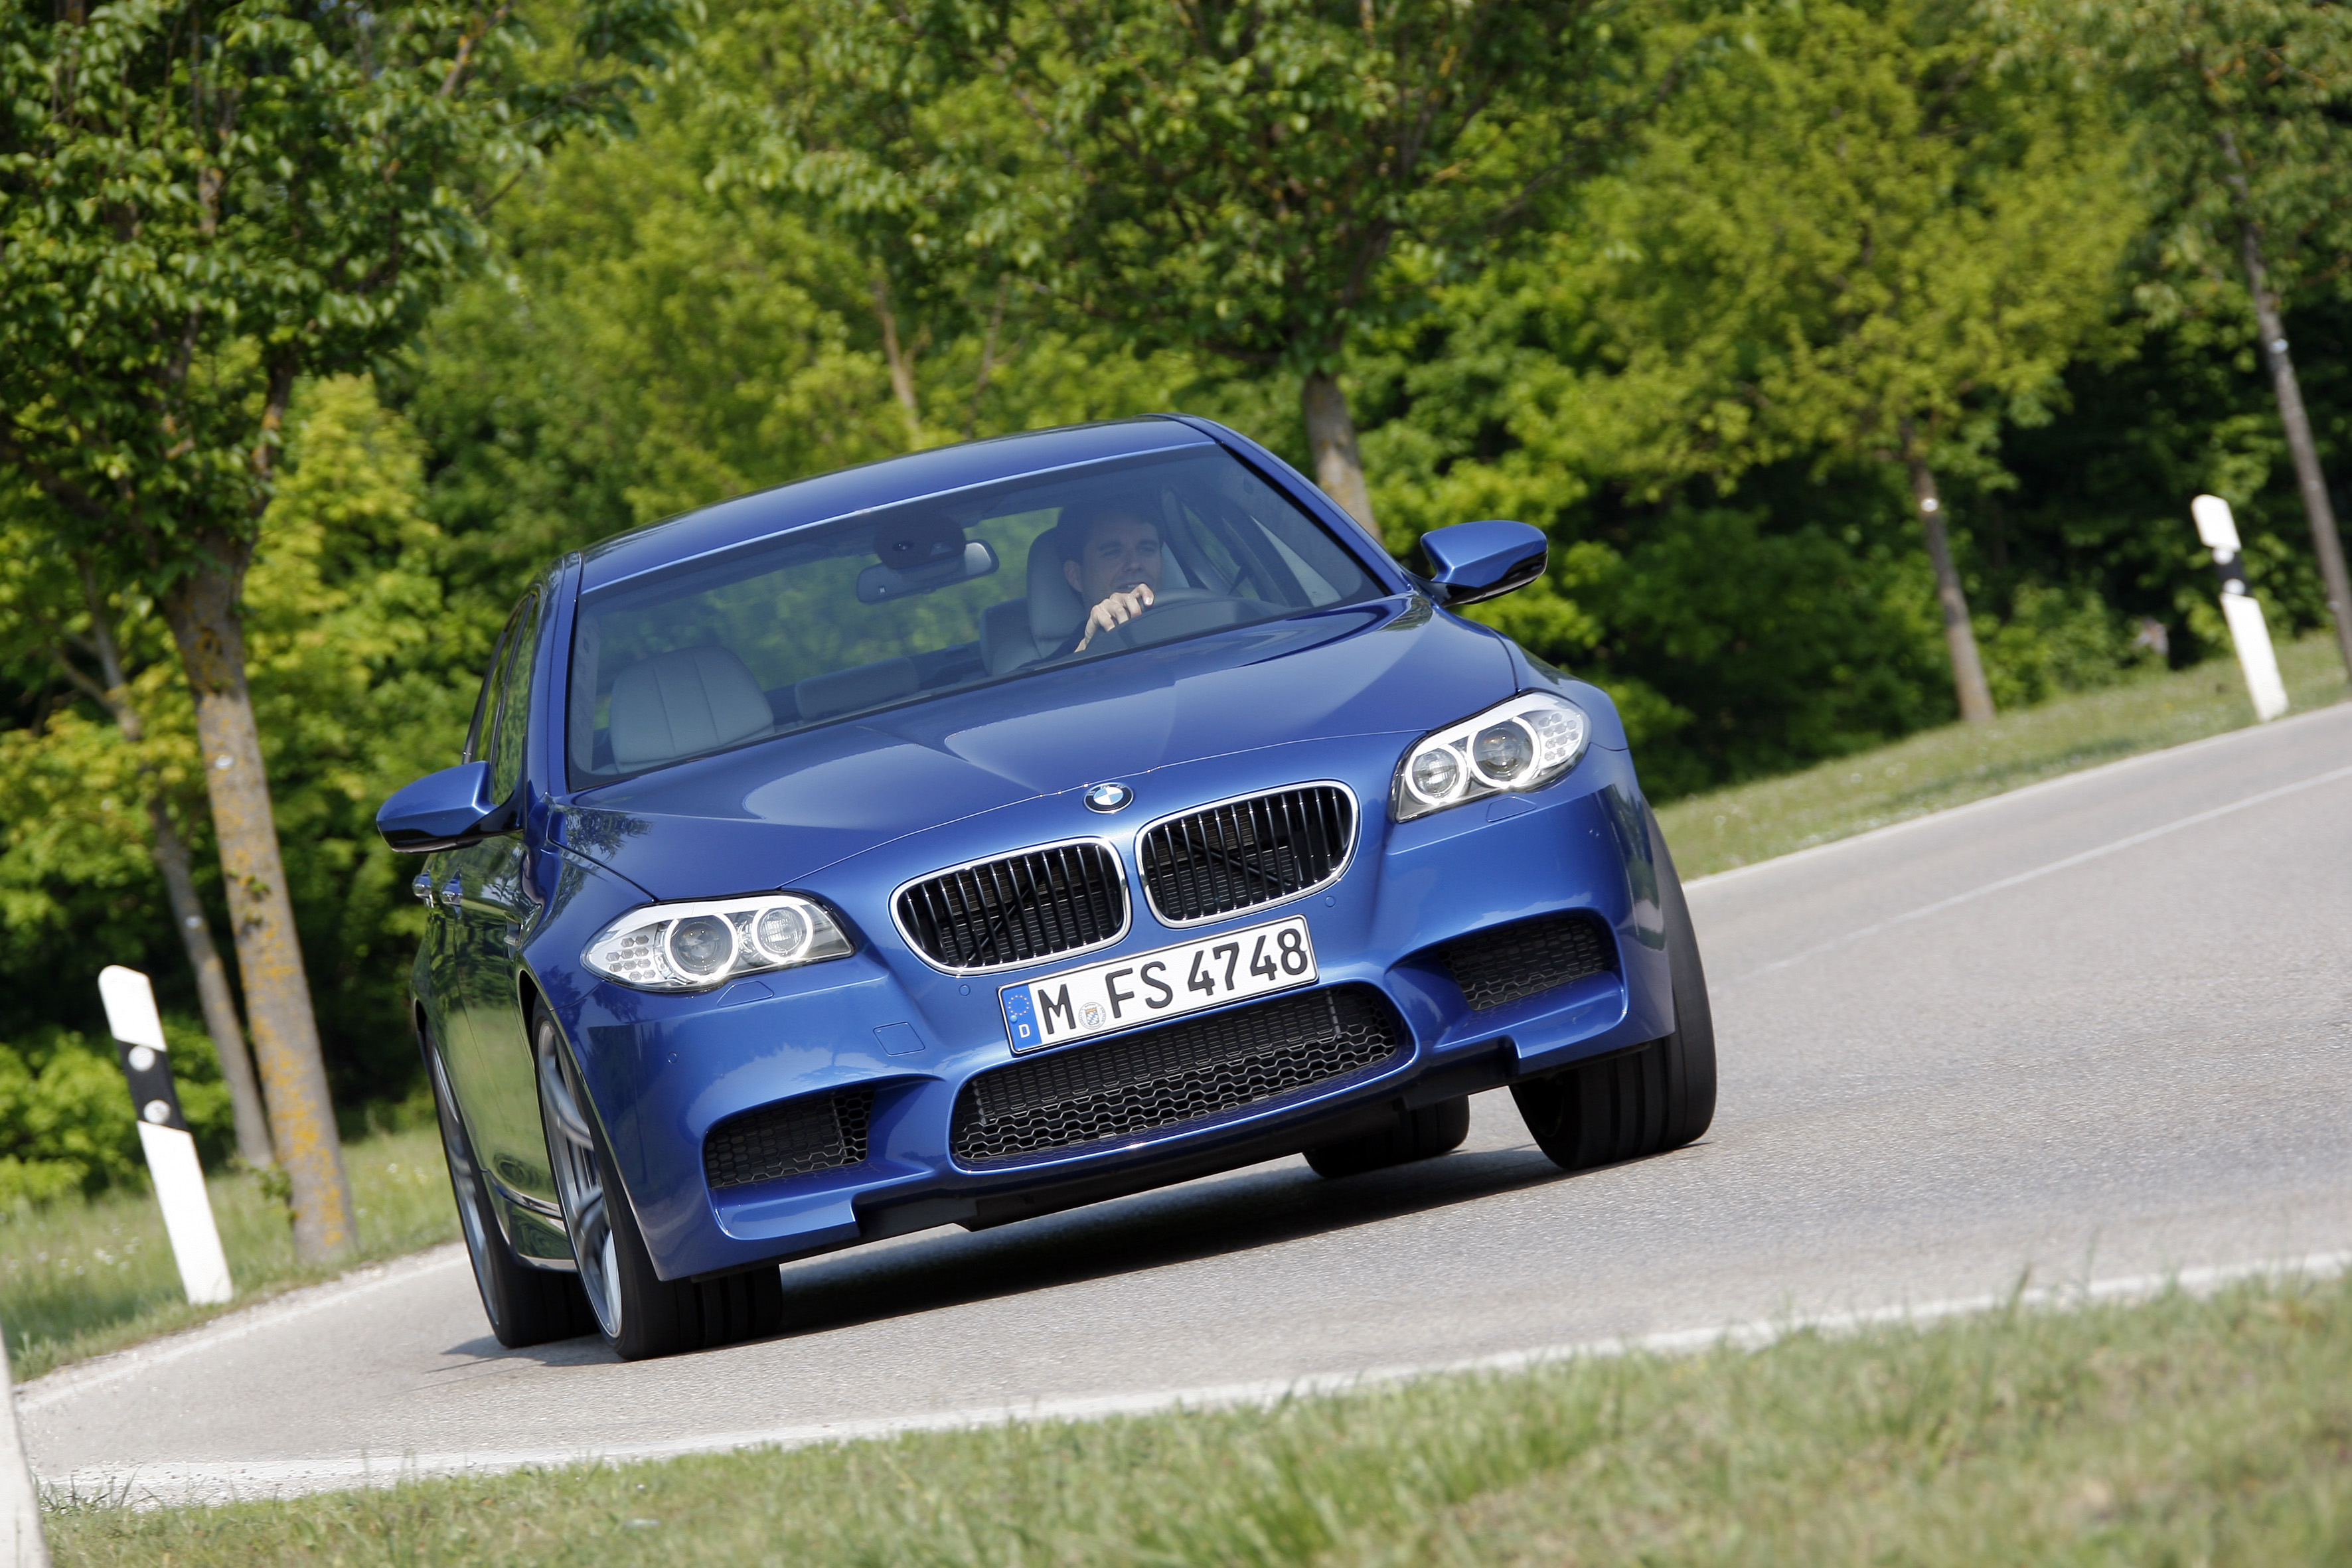 Обзор BMW M5 2012 - новый роскошный спортивный Седан М5 от БМВ.